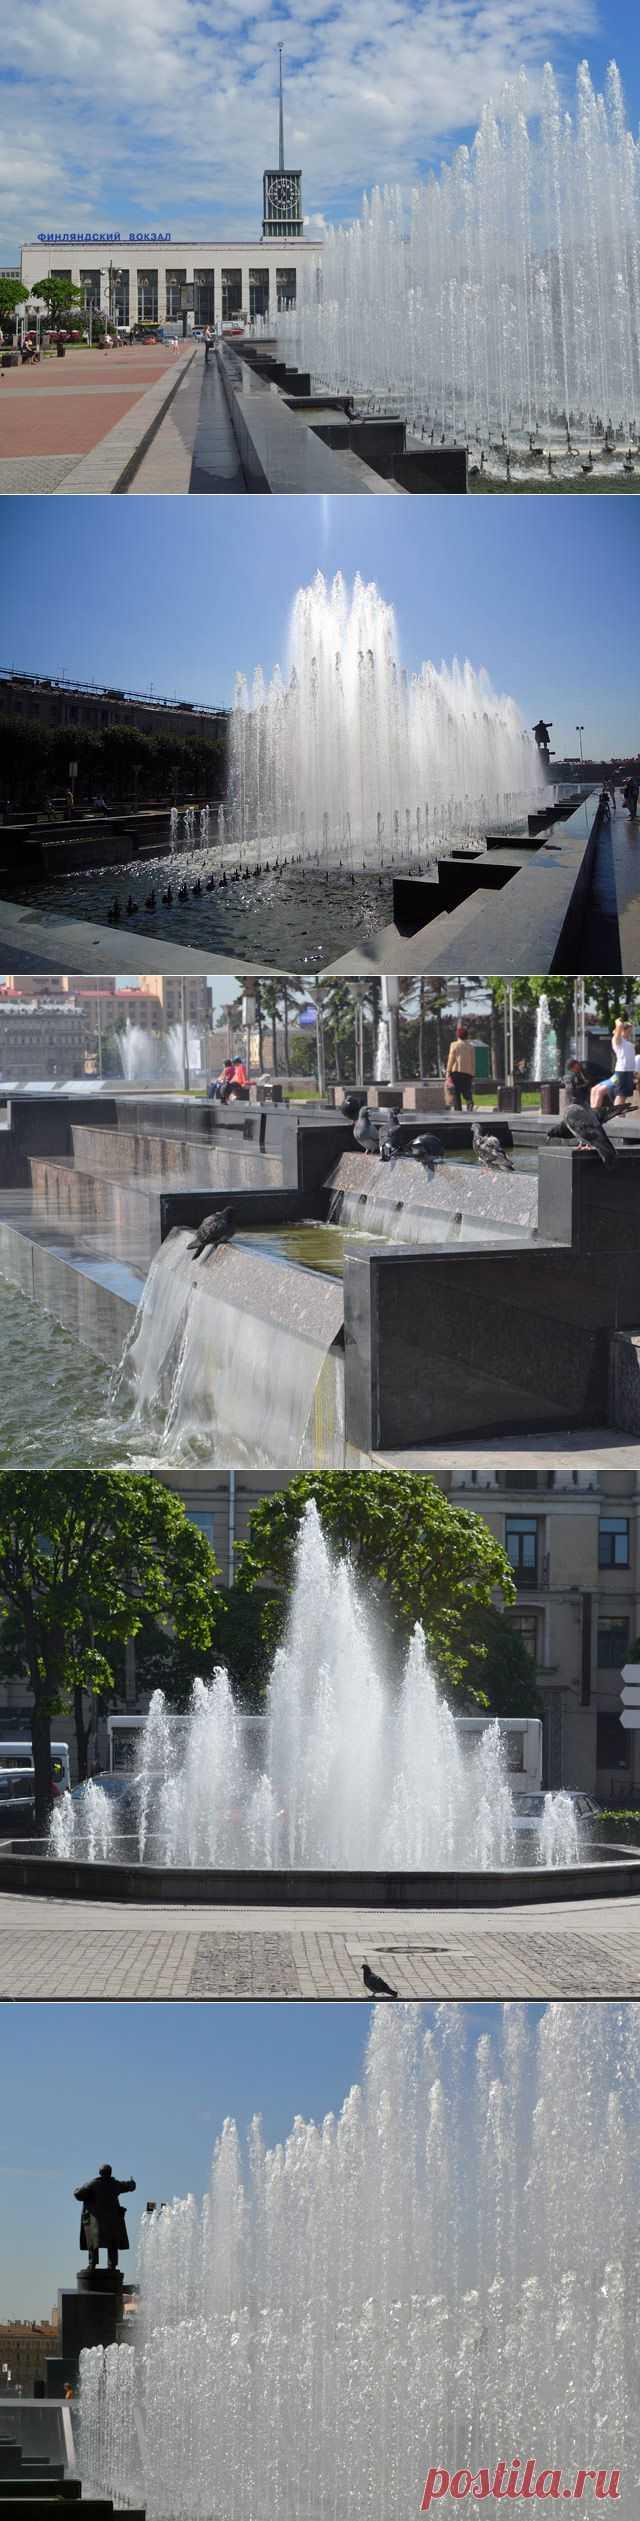 Санкт-Петербург. Поющие фонтаны у Финляндского вокзала.